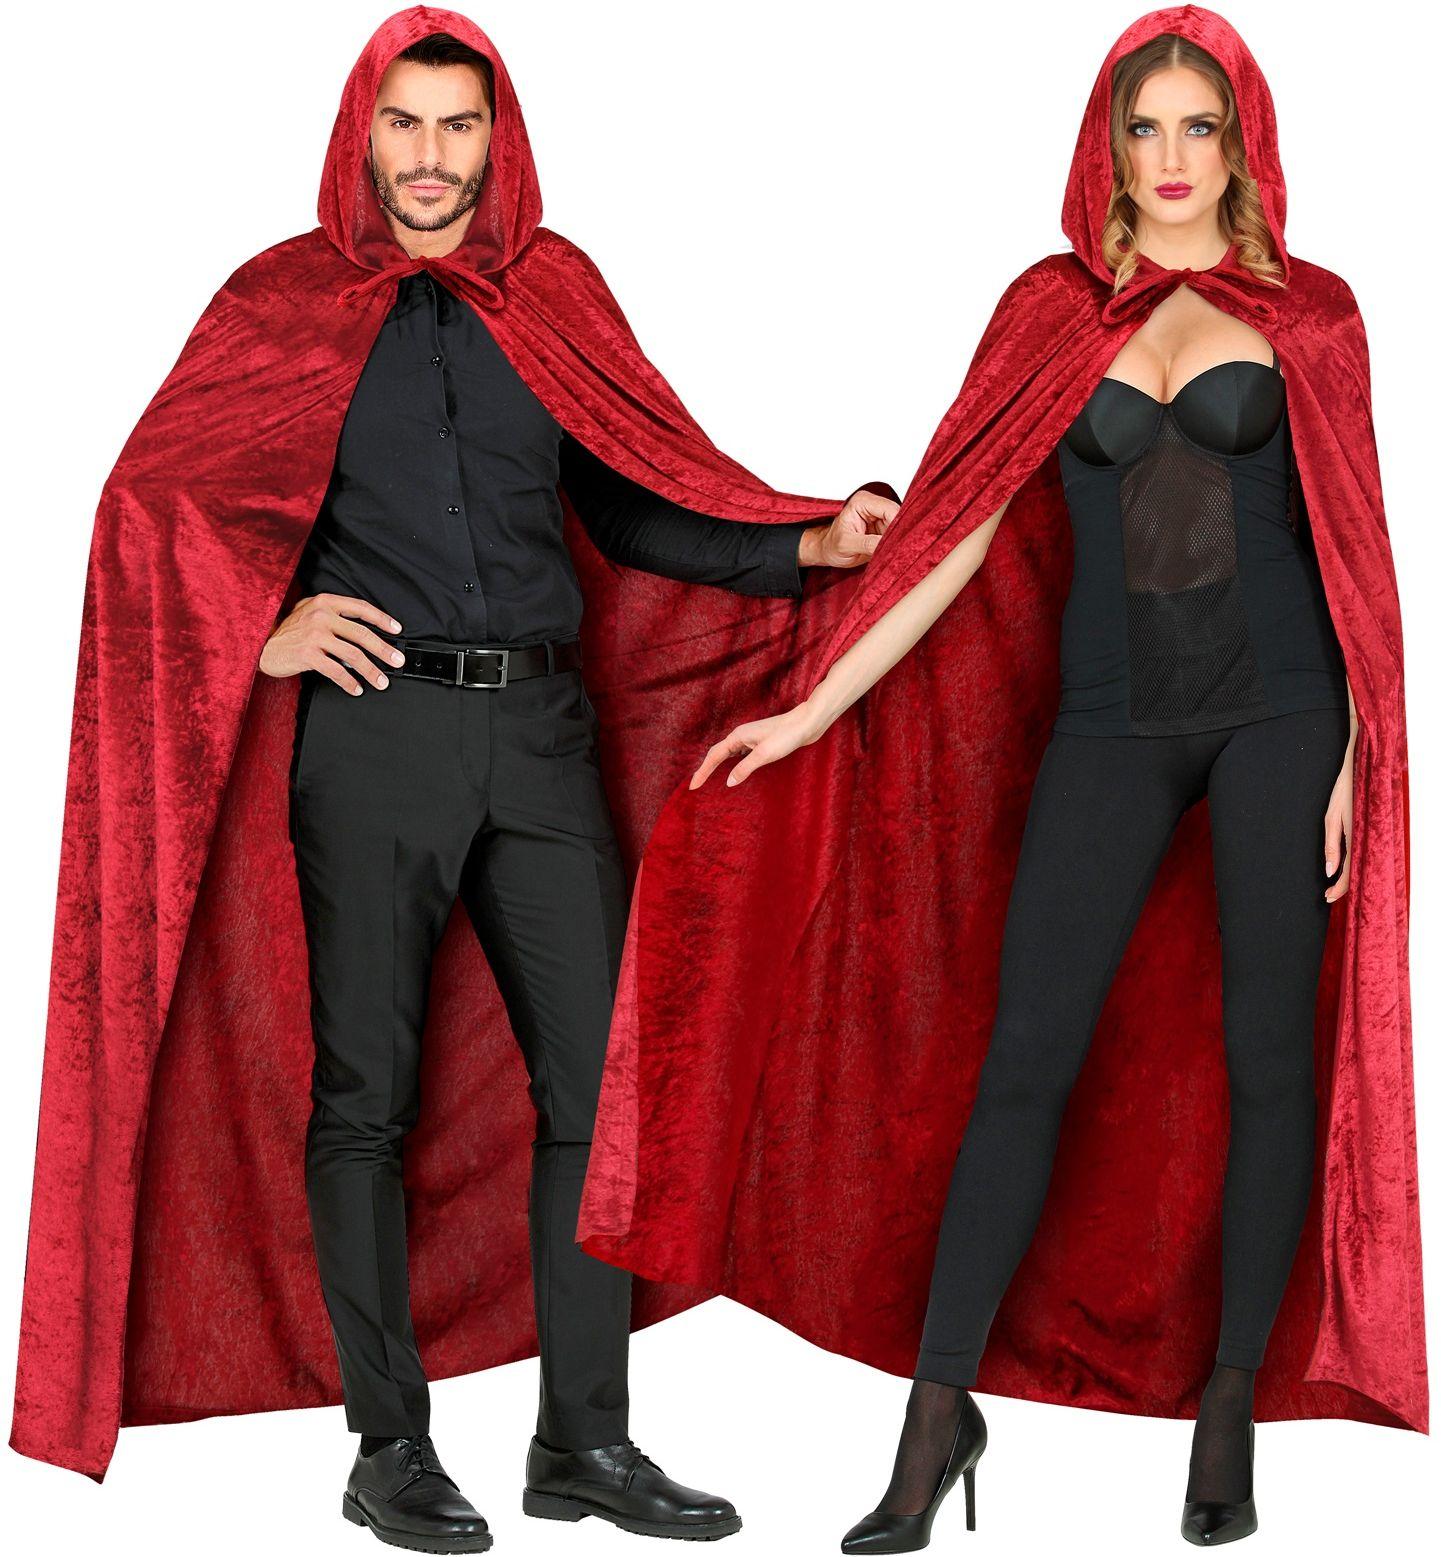 Rode fluwelen vampier cape